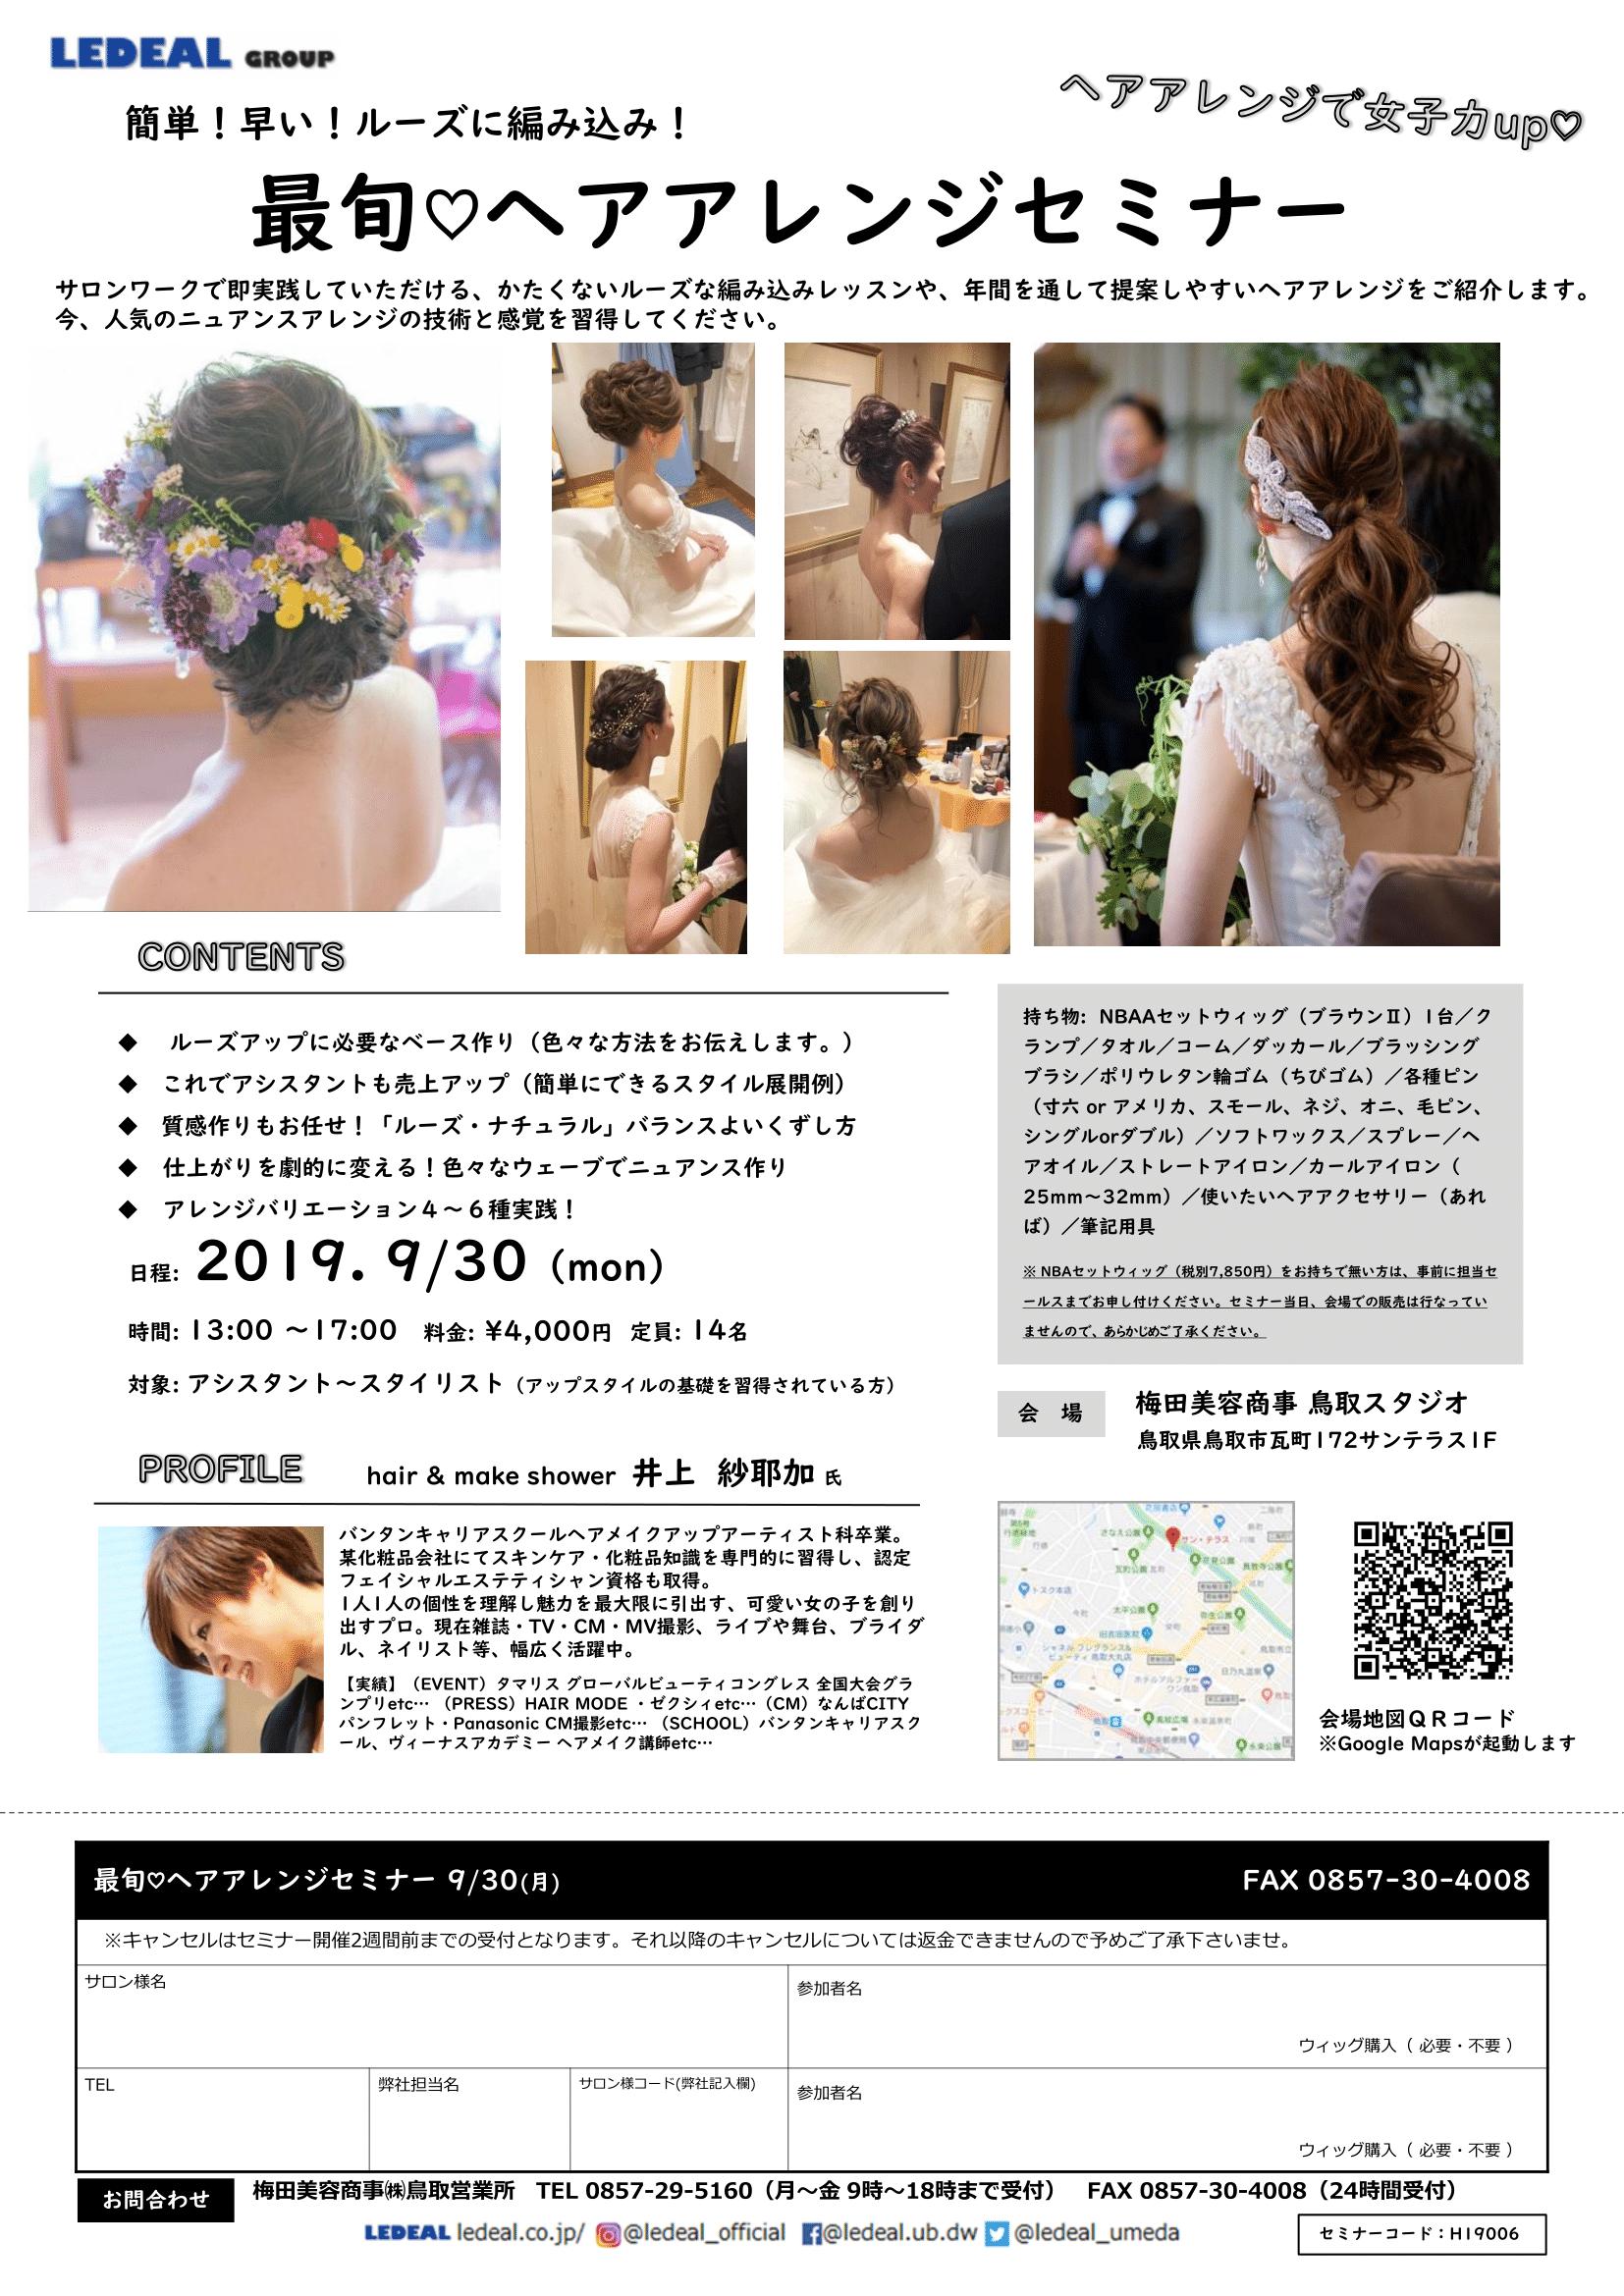 【鳥取】最旬♡ヘアアレンジセミナー